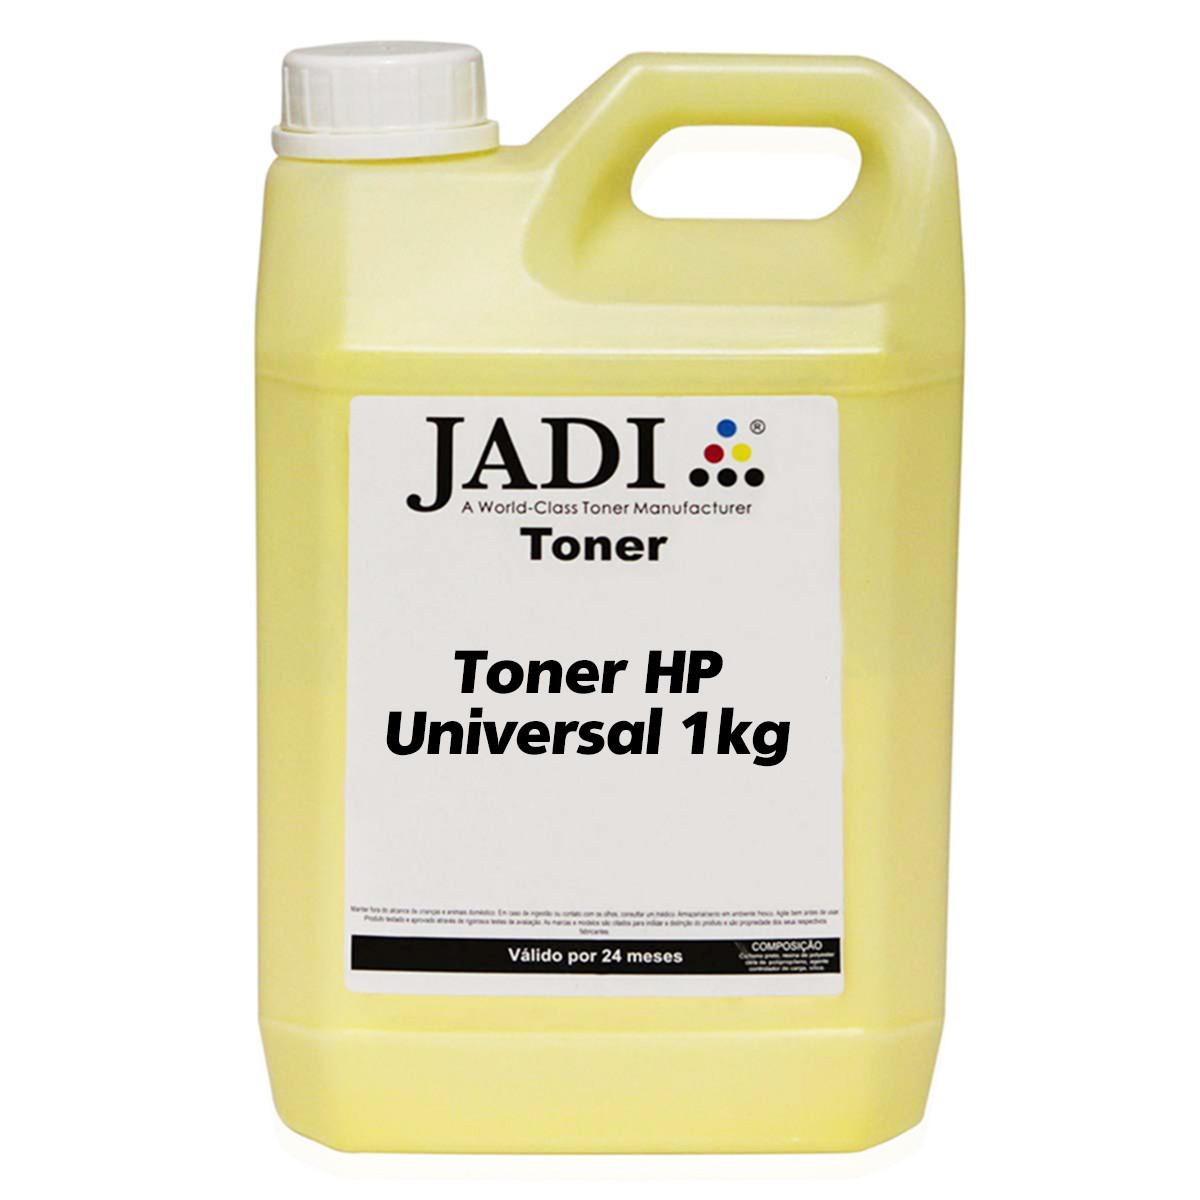 Toner Refil HP CB542A 542A Amarelo | CP1215 CP1510 CP1515 CP1518 CM1312 | Jadi 1kg